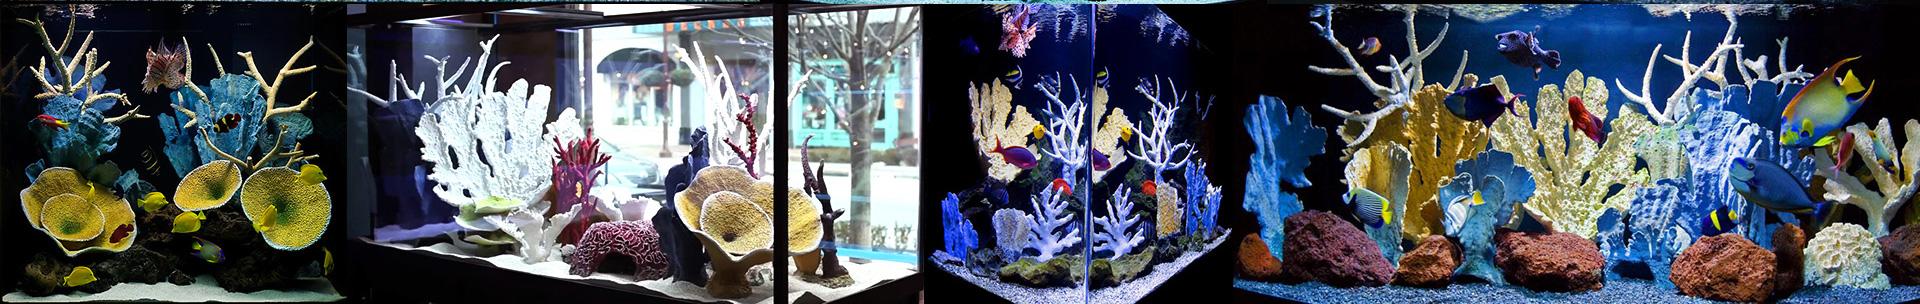 Искусственный коралловый риф для аквариума